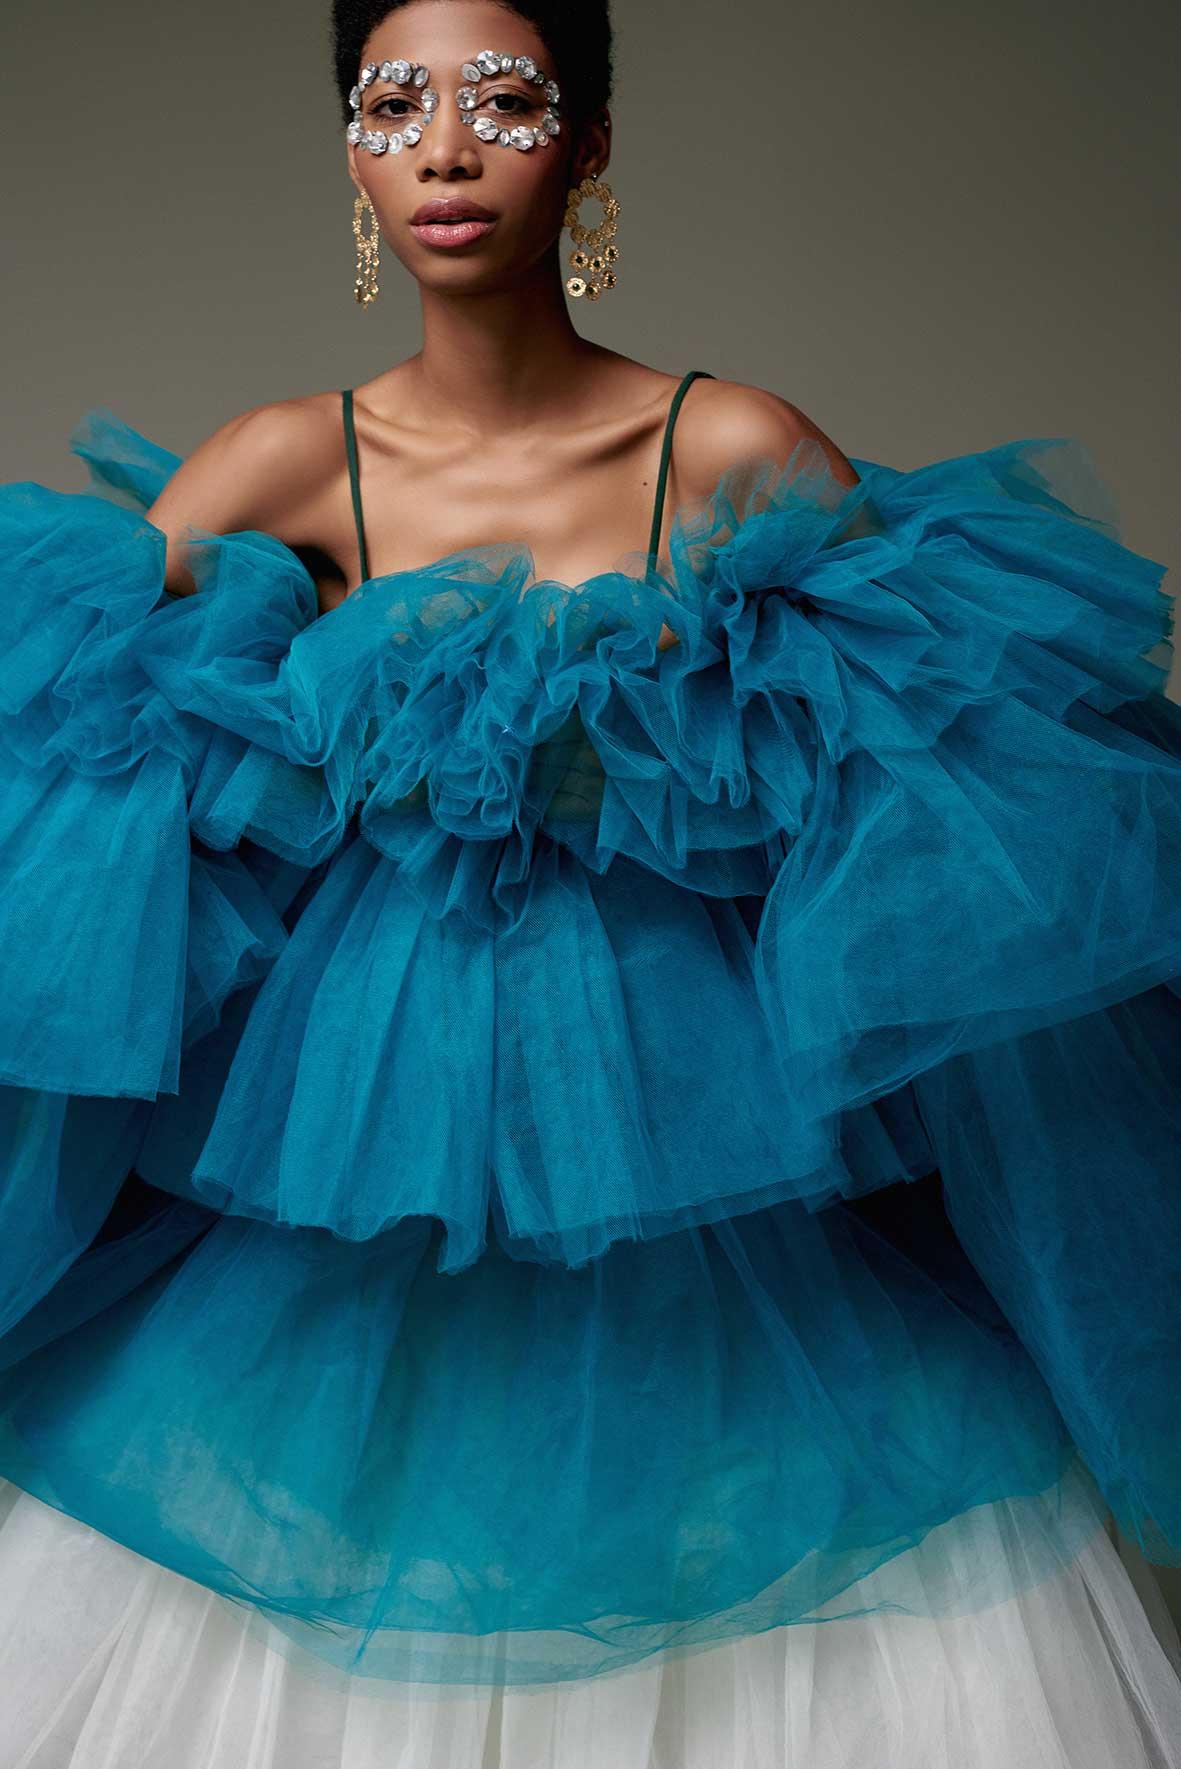 Fashion Portfolio: Volúmenes, estampados, texturas y colores para el verano